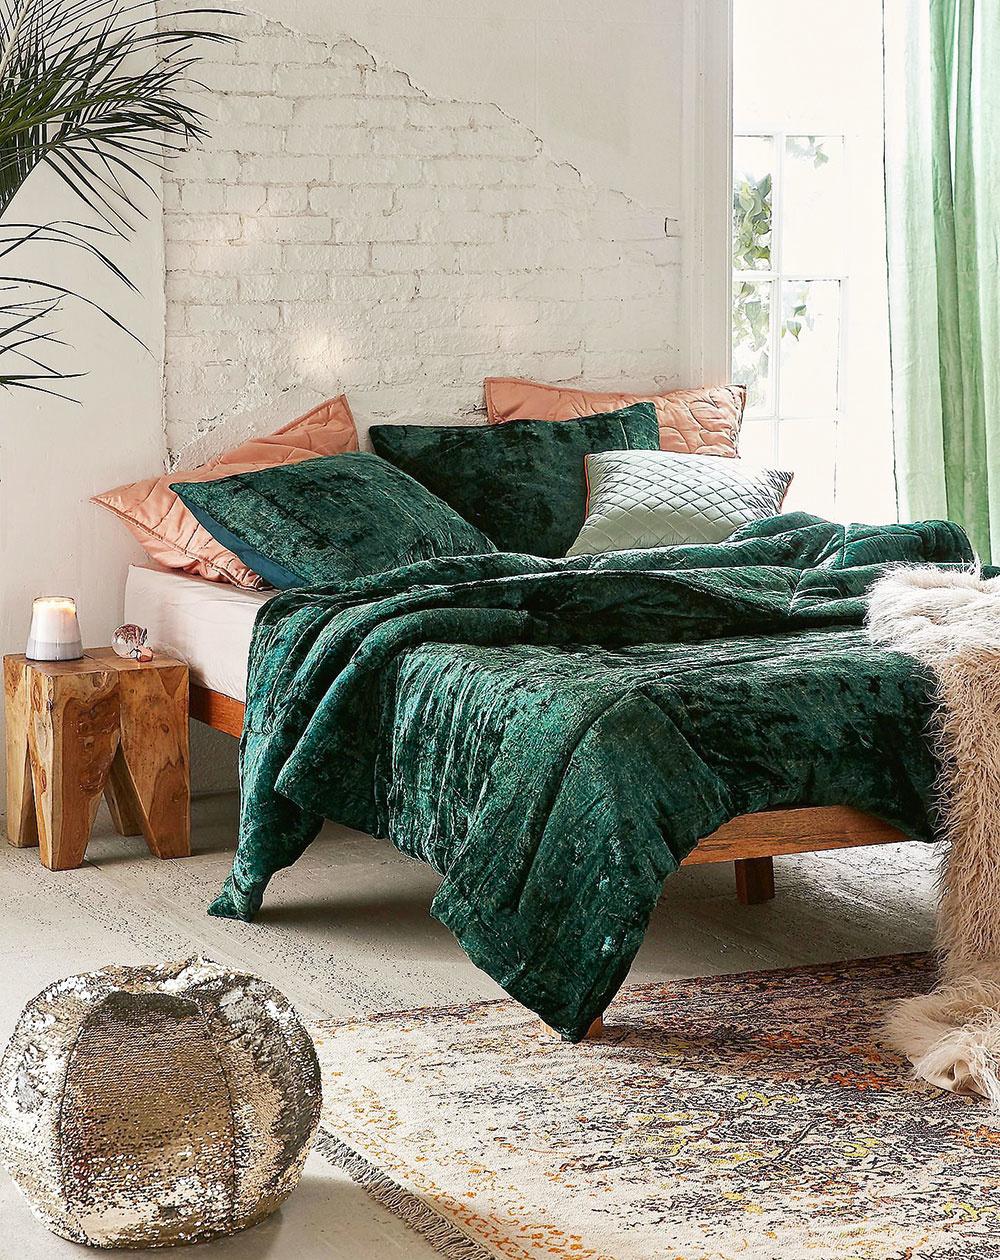 Rozmaznajte sa zamatovými prikrývkami avankúšmi. Vďaka farbe smaragdu, ametystu aruženínu sa budete cítiť ako králi.